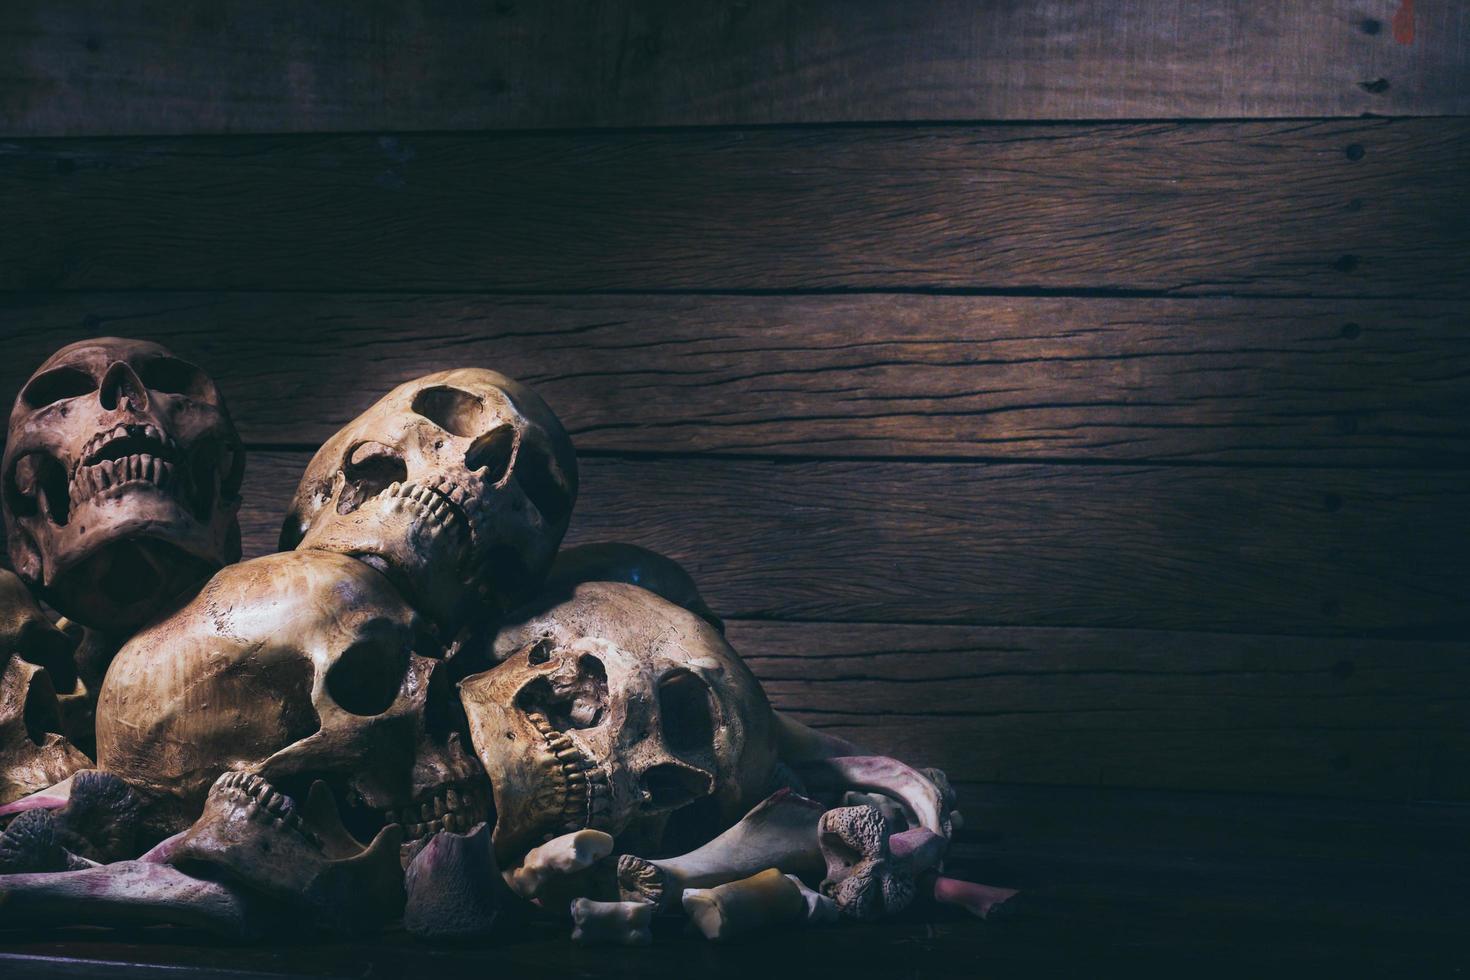 Stilllebenfotografie mit menschlichen Schädeln auf altem Holztischhintergrund - Halloween oder esoterisches Konzept foto